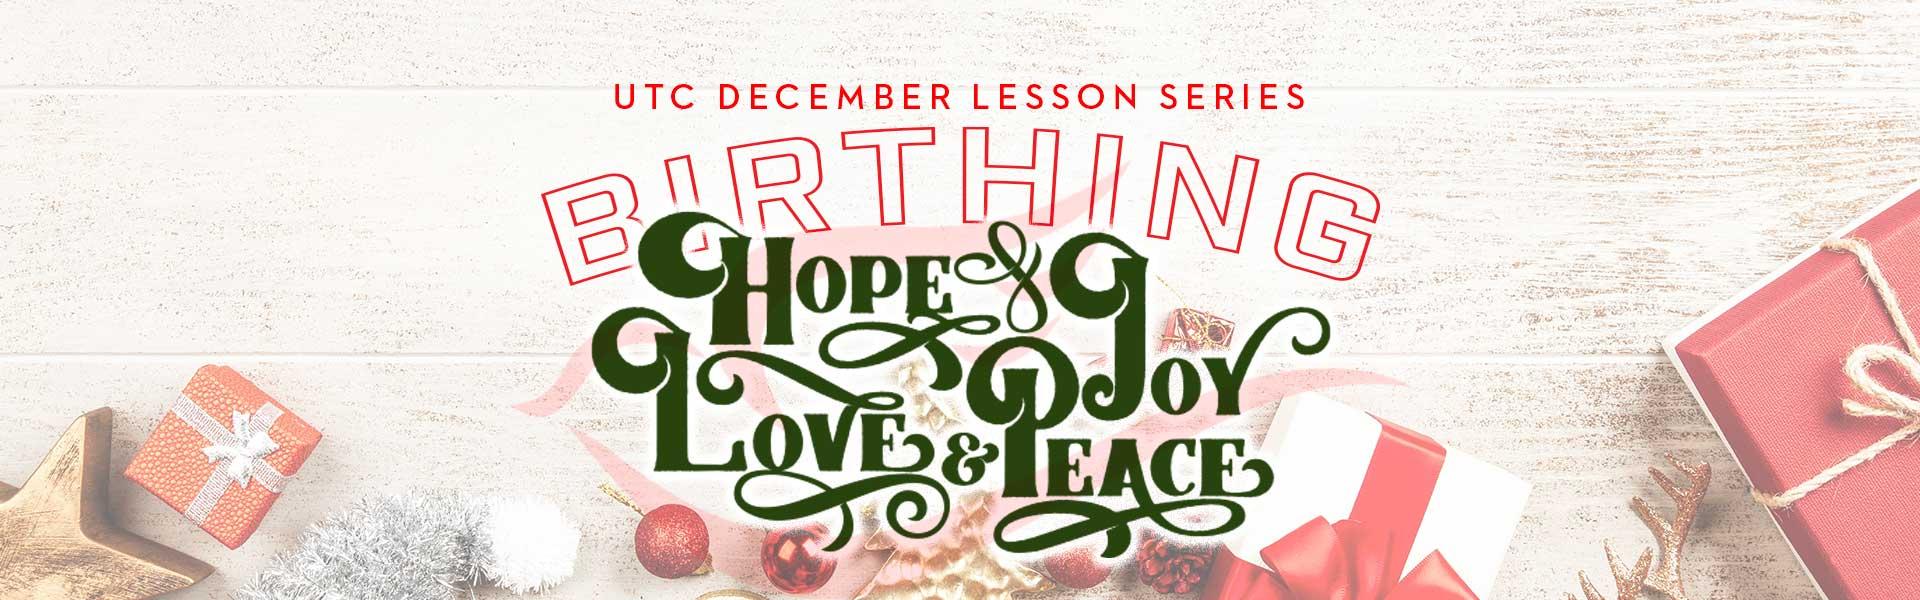 december lesson banner